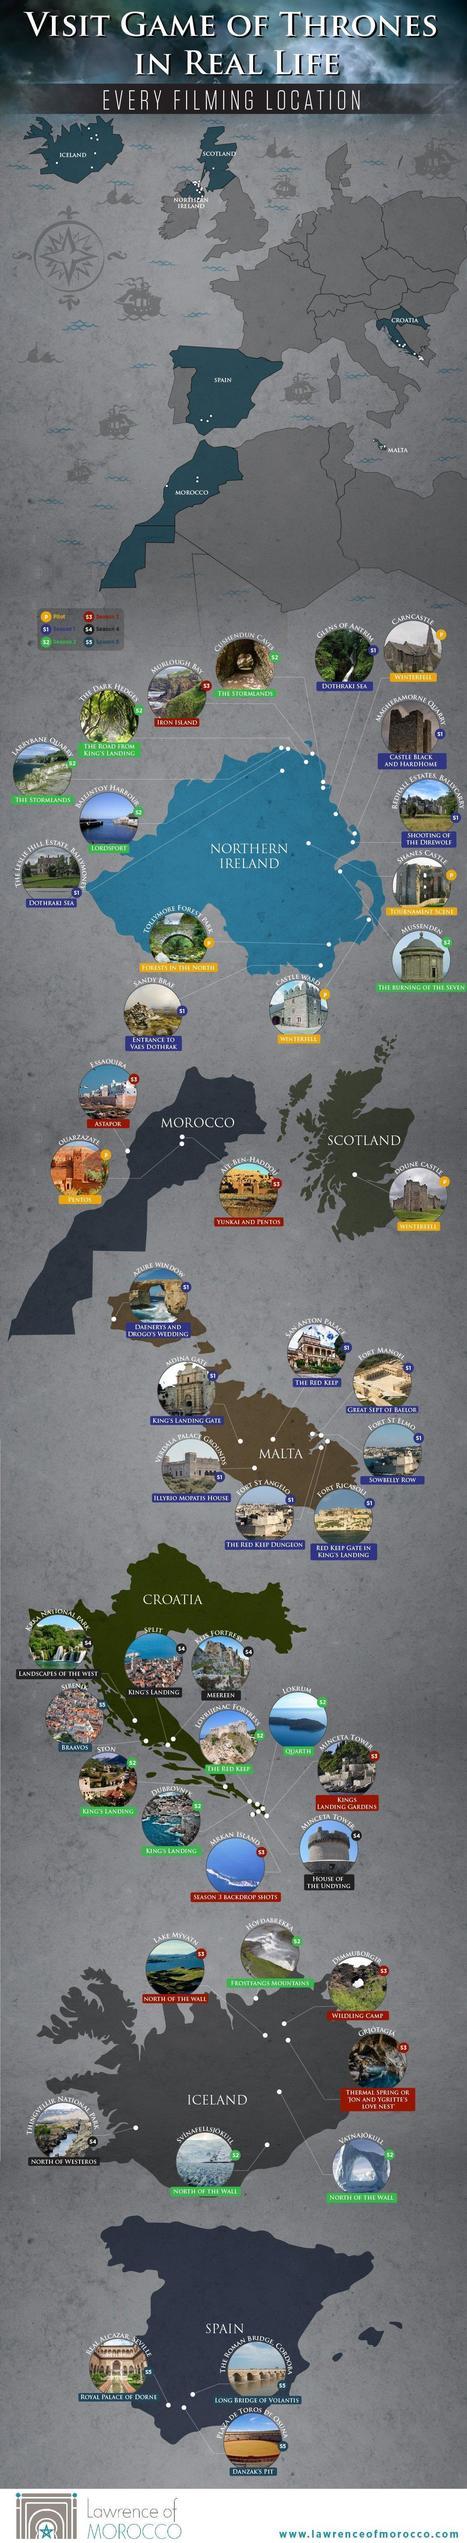 La carte des lieux où a été filmé Game of thrones (Une carte du monde) | Géographie : les dernières nouvelles de la toile. | Scoop.it